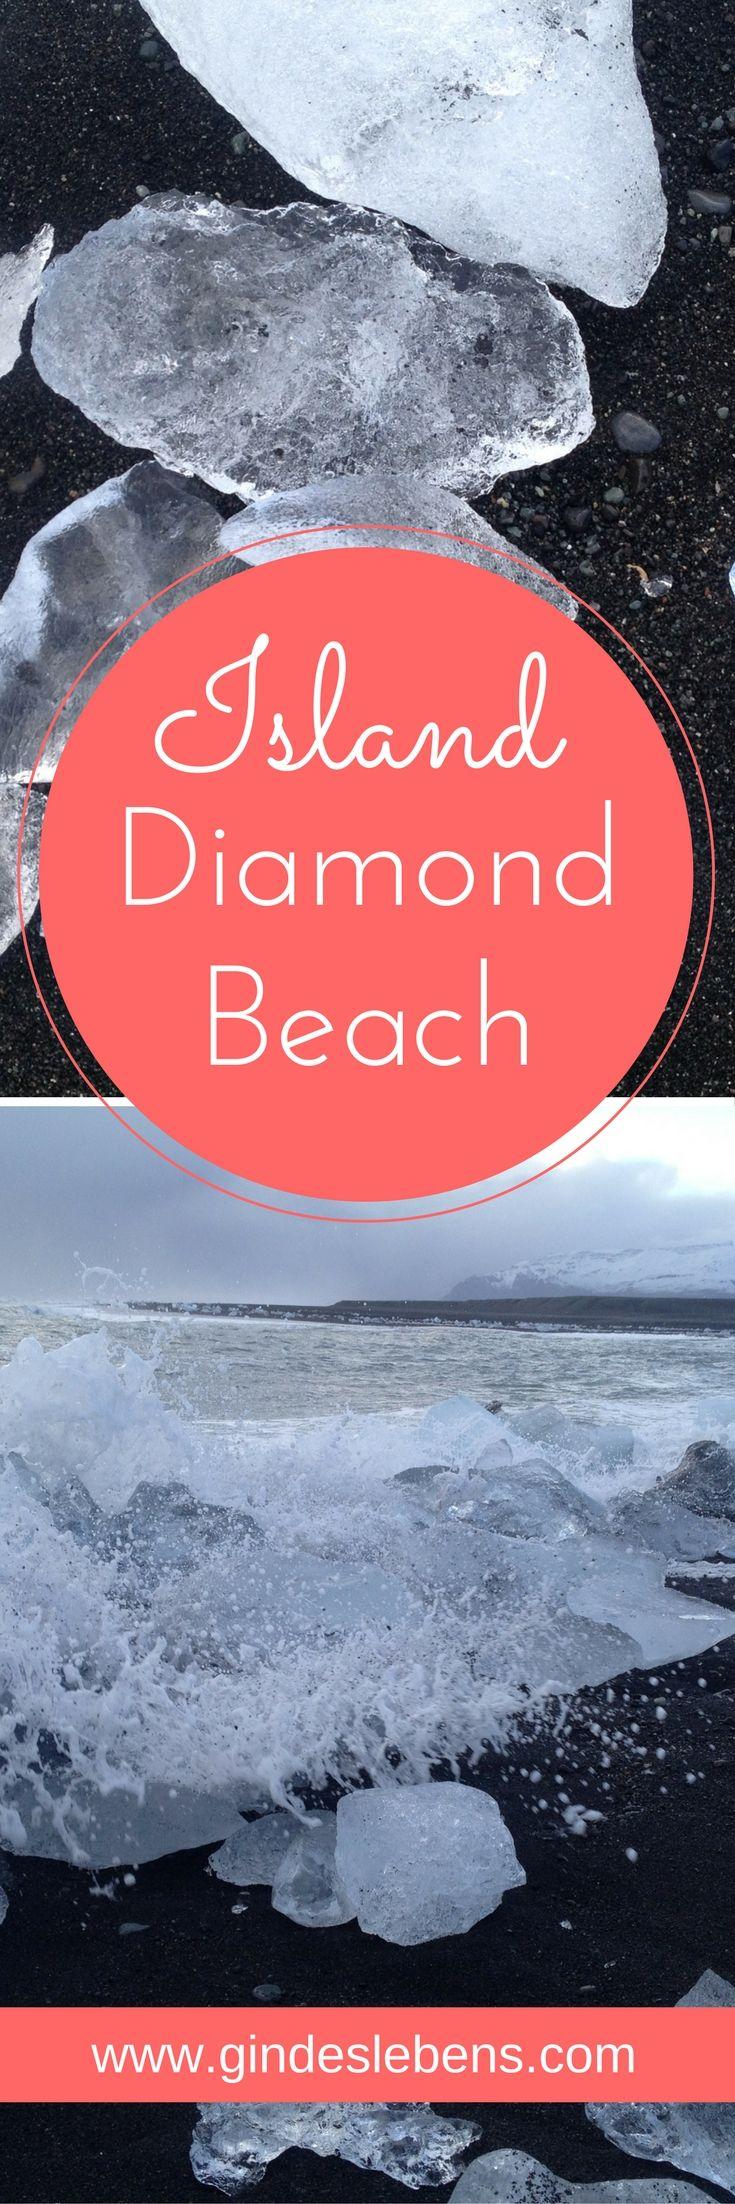 Kennt ihr den Diamond Beach an Islands Südküste? Eisblöcke der Jökulsárlón Gletscherlagune werden durch Ebbe und Flut angespült und glitzern in der Sonne wie Diamanten am schwarzen Sand.